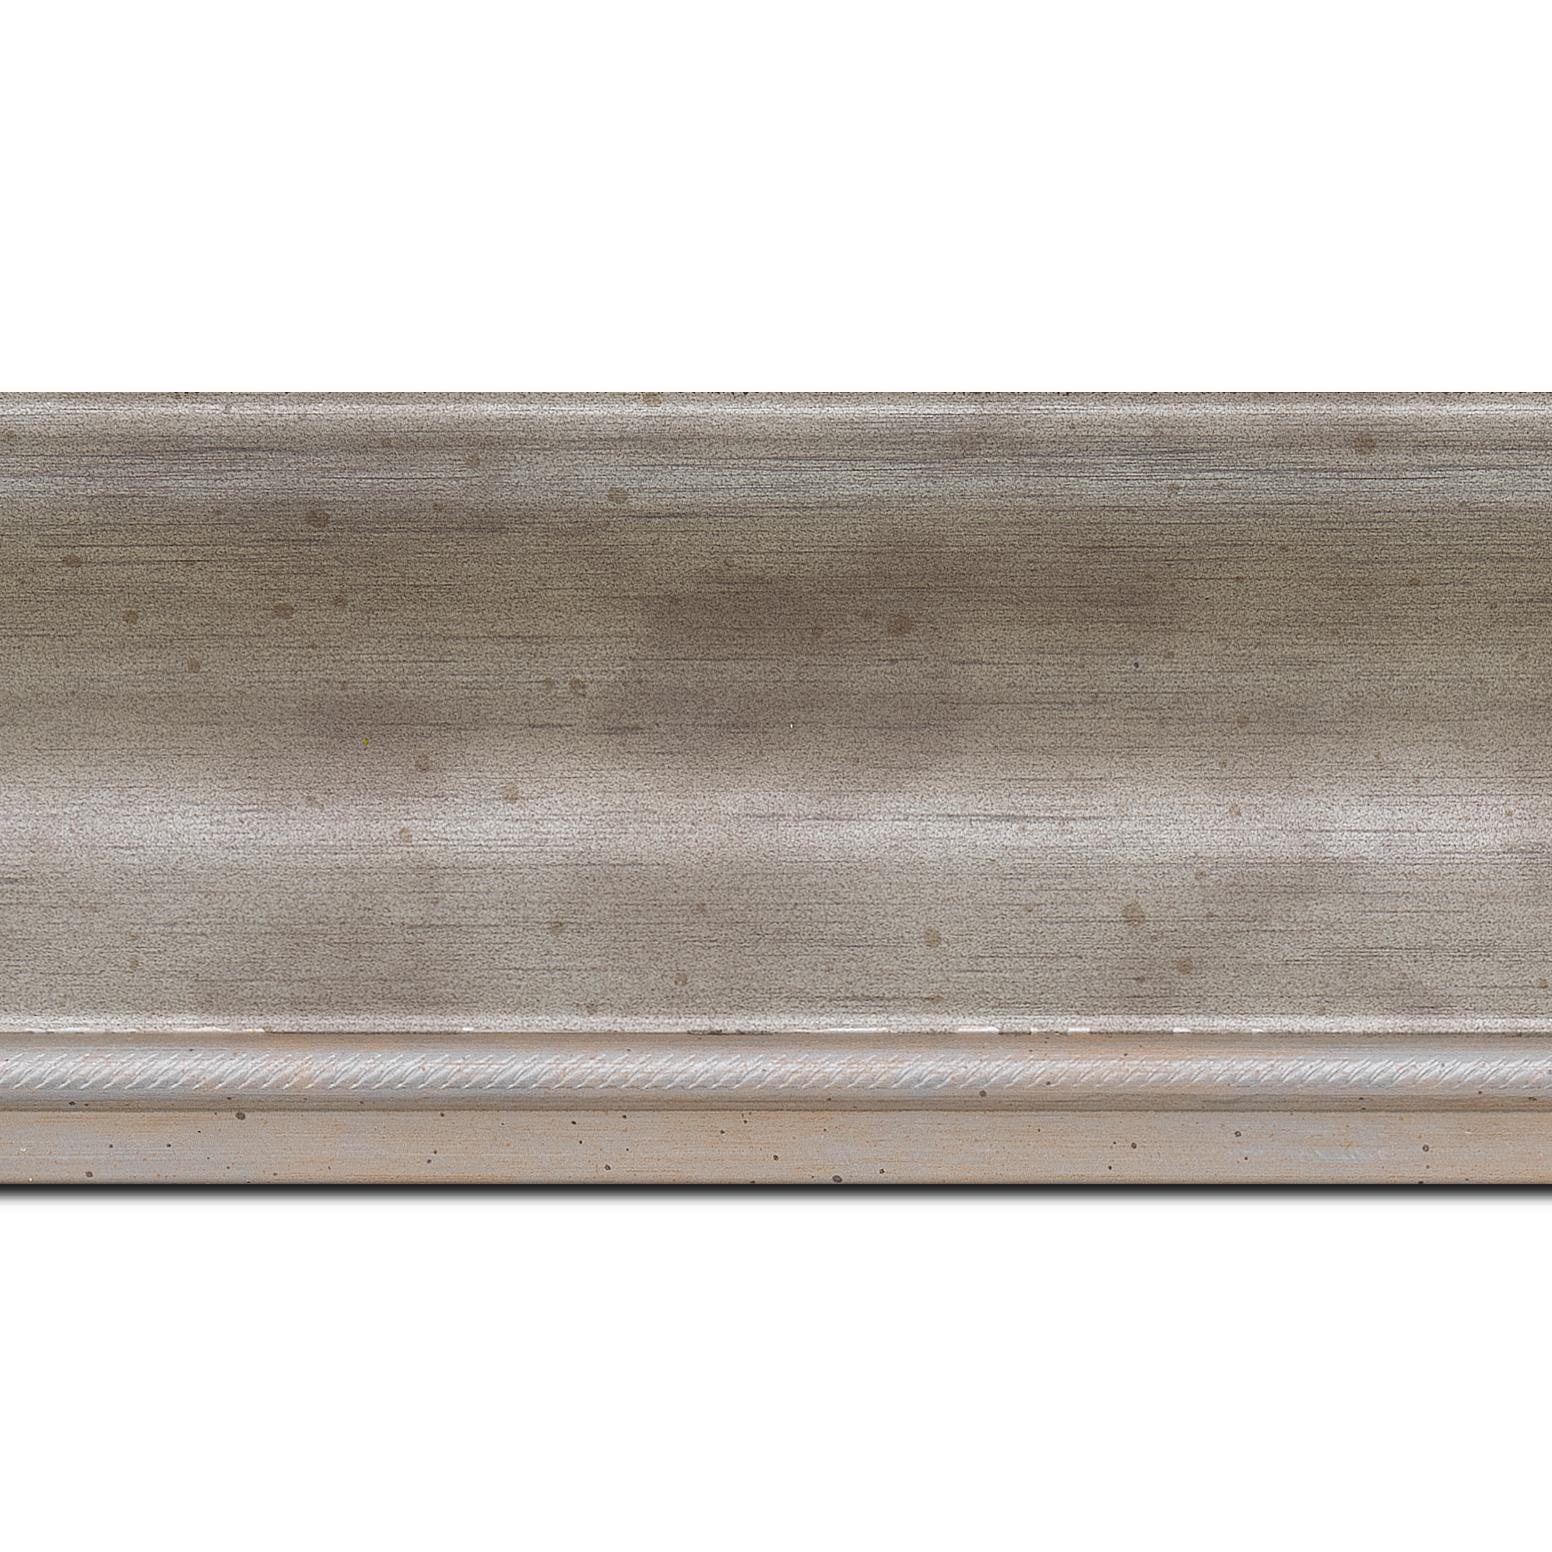 Baguette longueur 1.40m bois profil incurvé largeur 7.5cm de couleur argent finition antique filet argent vermeille